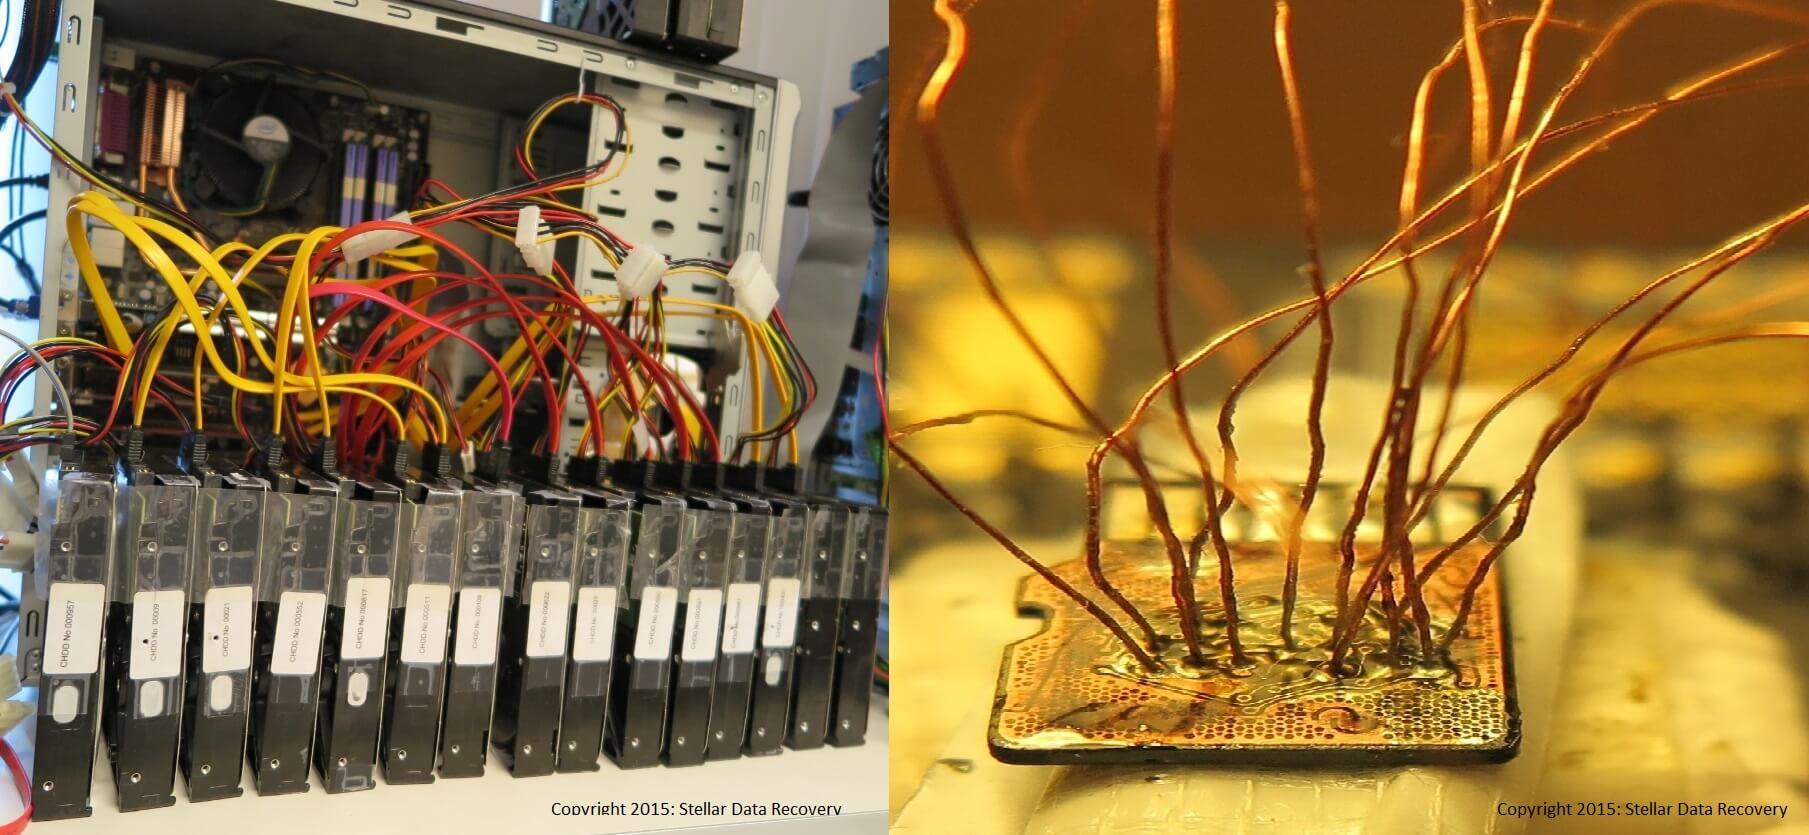 RAID vs Micro SD